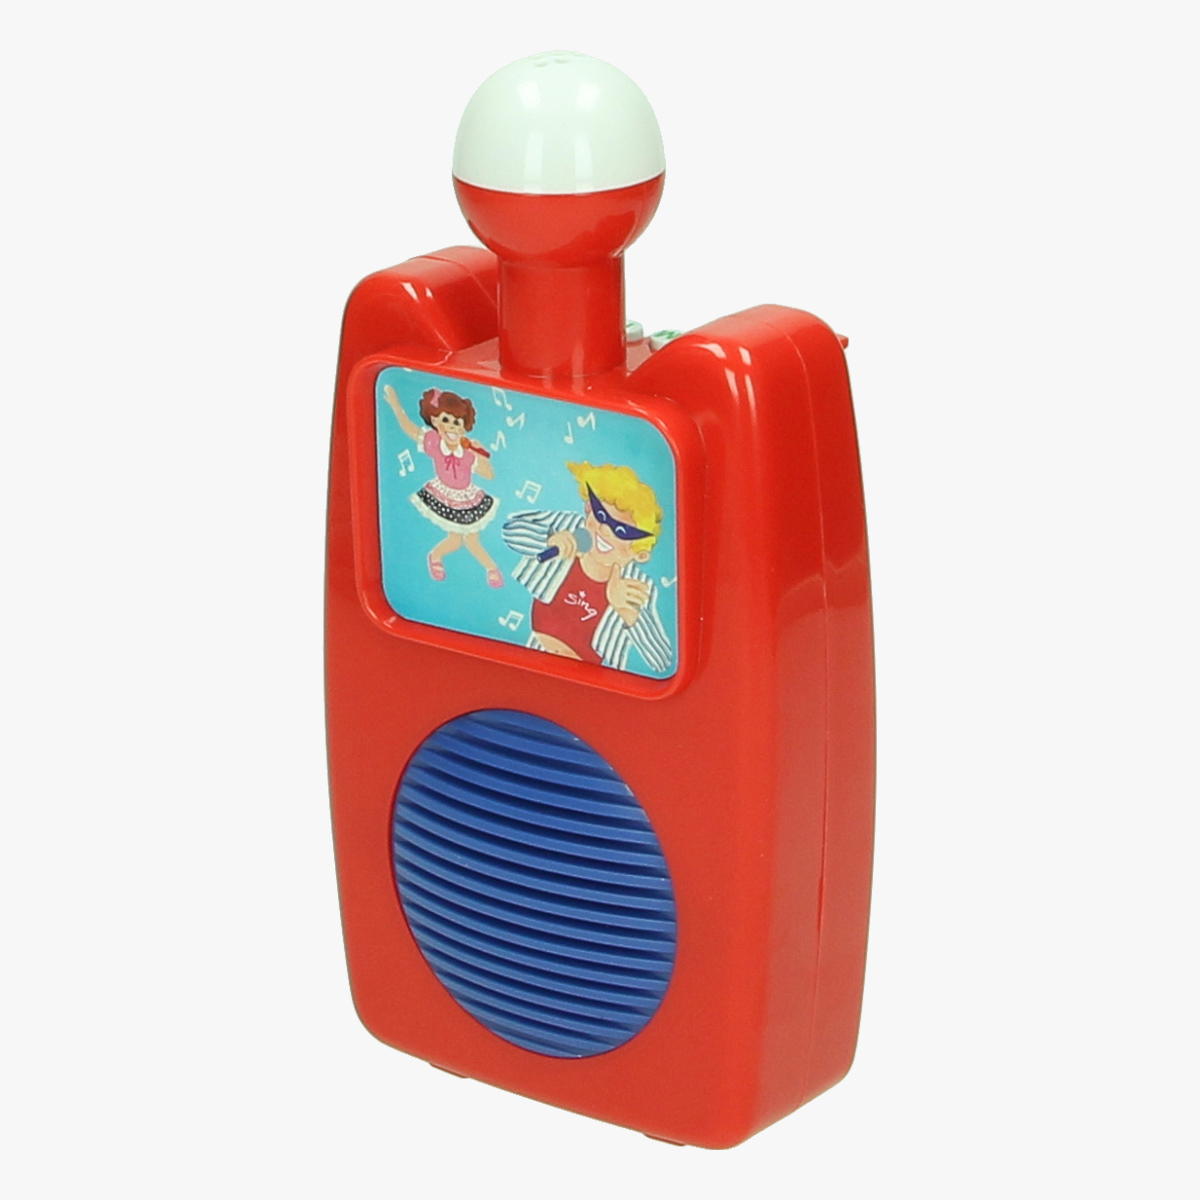 Afbeeldingen van My First Karaoke. Speelgoed